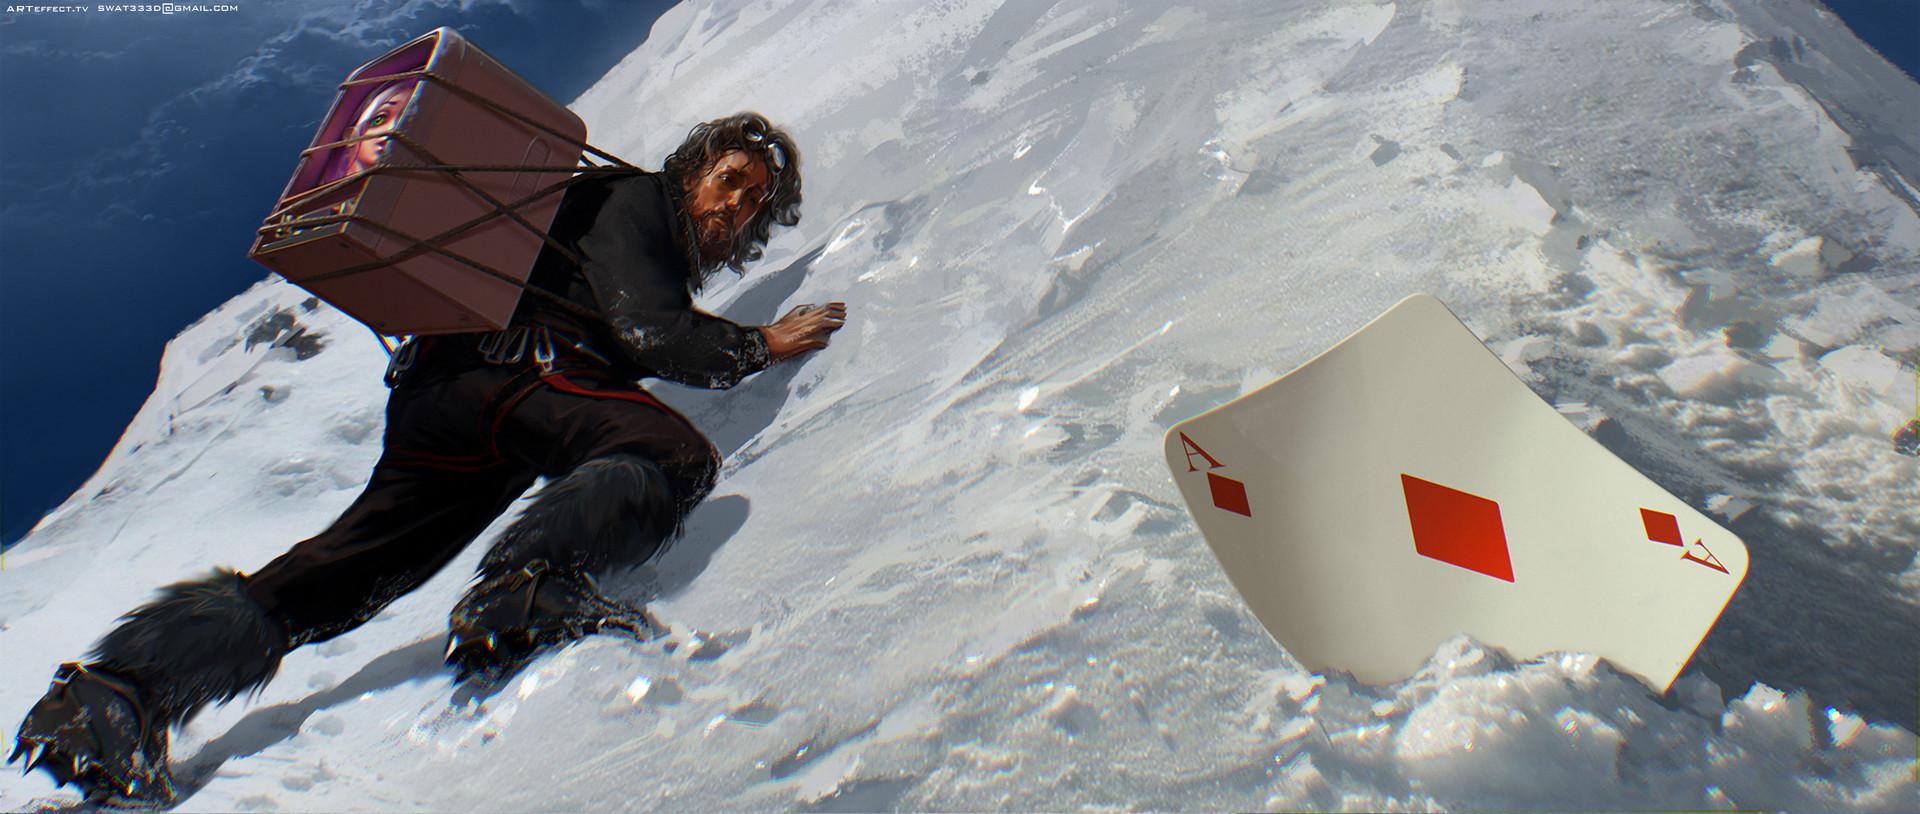 Sviatoslav gerasimchuk climbviator